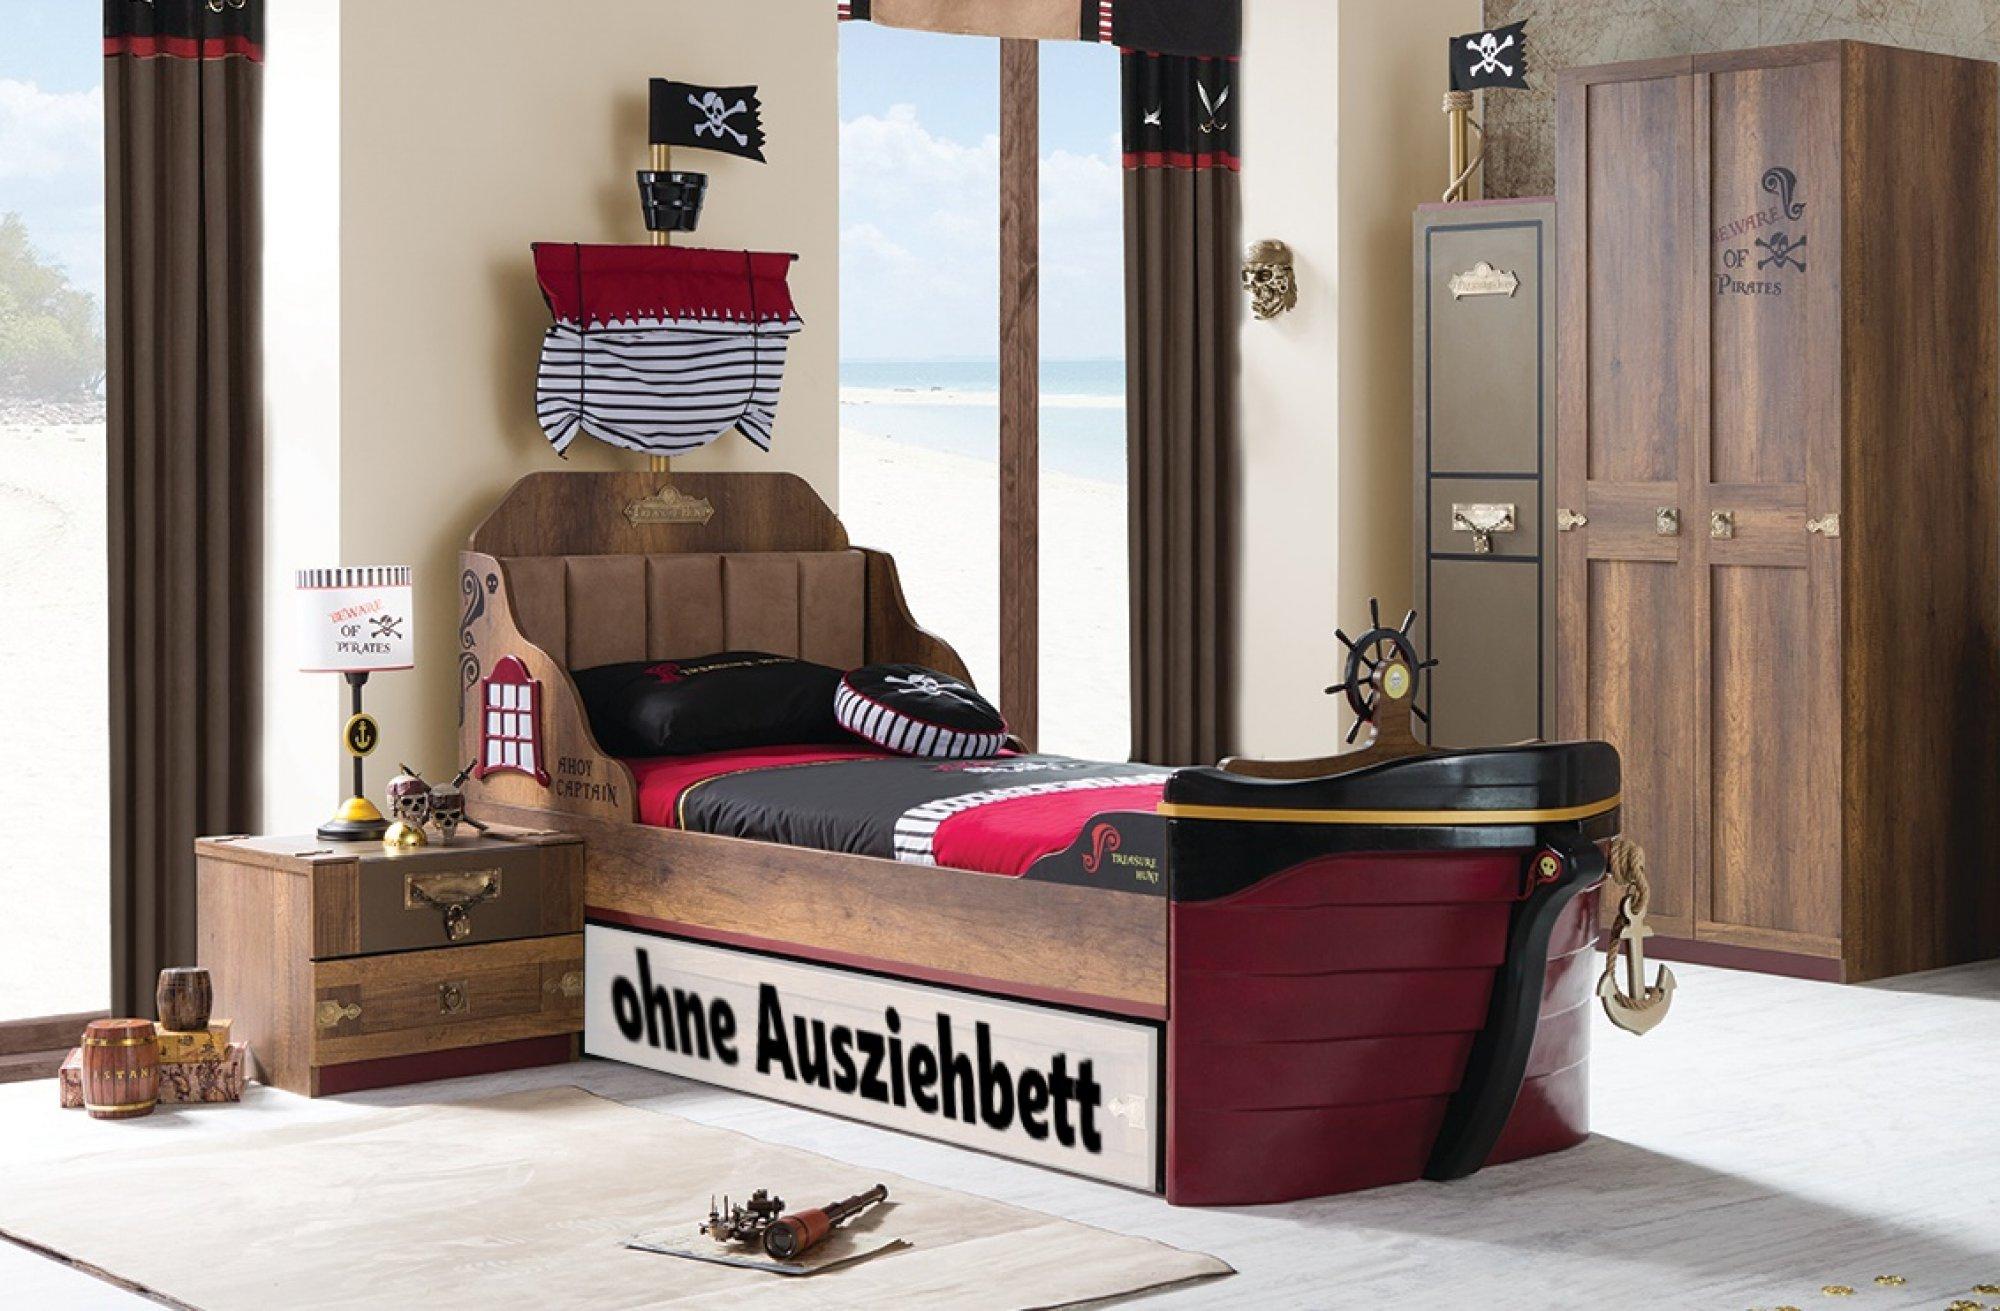 Full Size of Günstige Kinderzimmer Italienische Barockmbel Sicher Und Schnell Online Gnstig Günstiges Bett Regale Betten Sofa Regal Schlafzimmer Komplett 140x200 Weiß Kinderzimmer Günstige Kinderzimmer